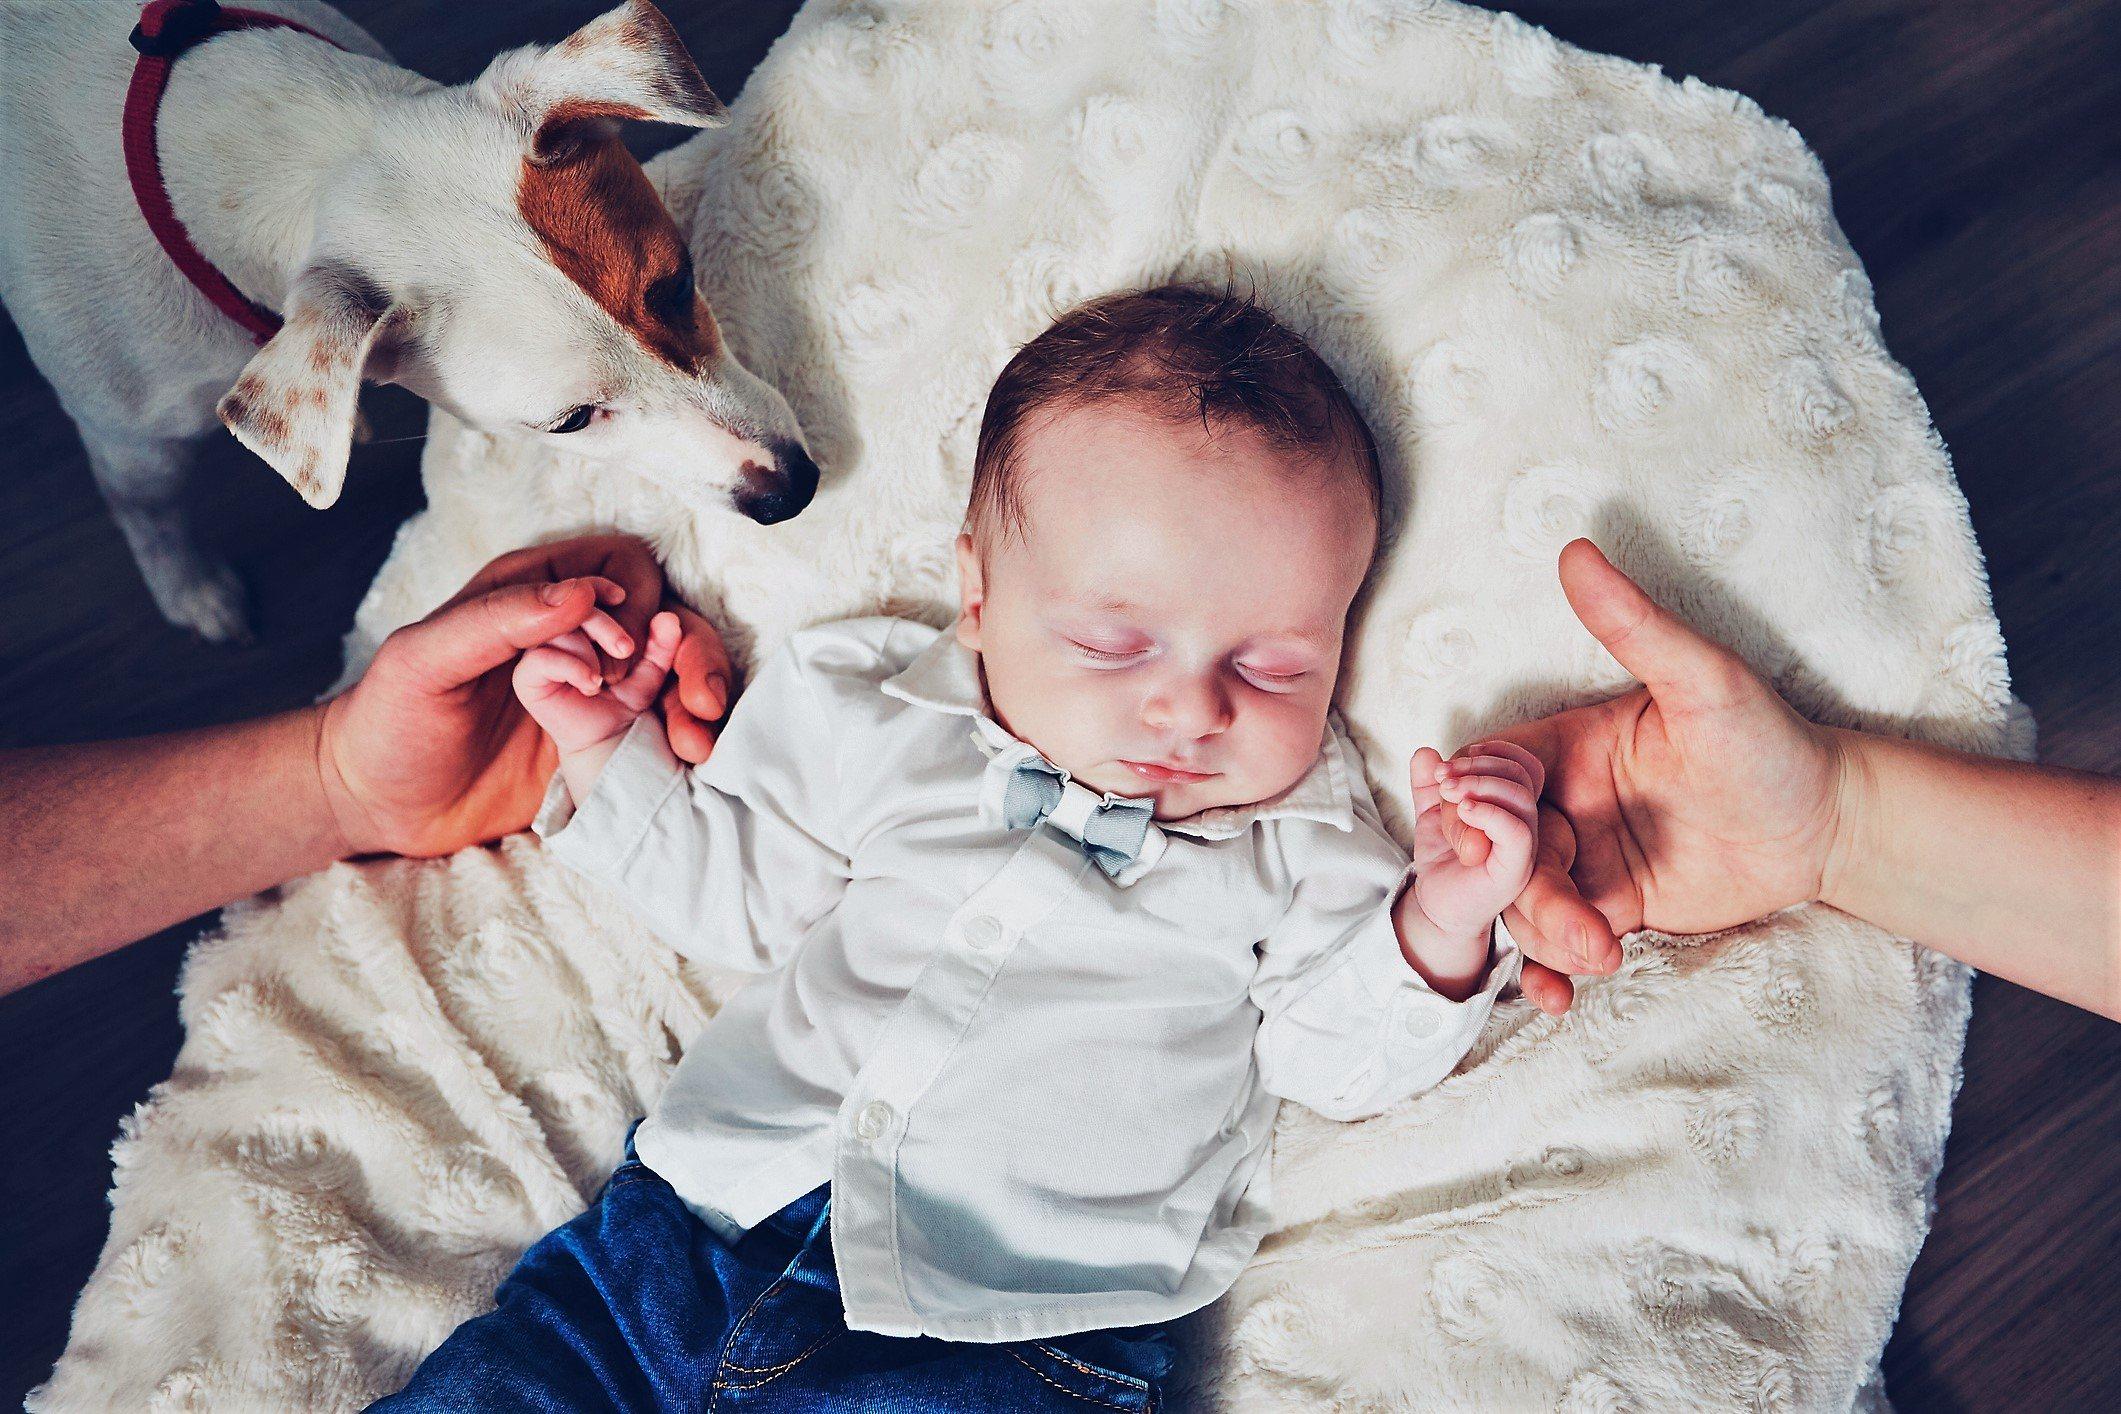 Dog watching over sleeping baby